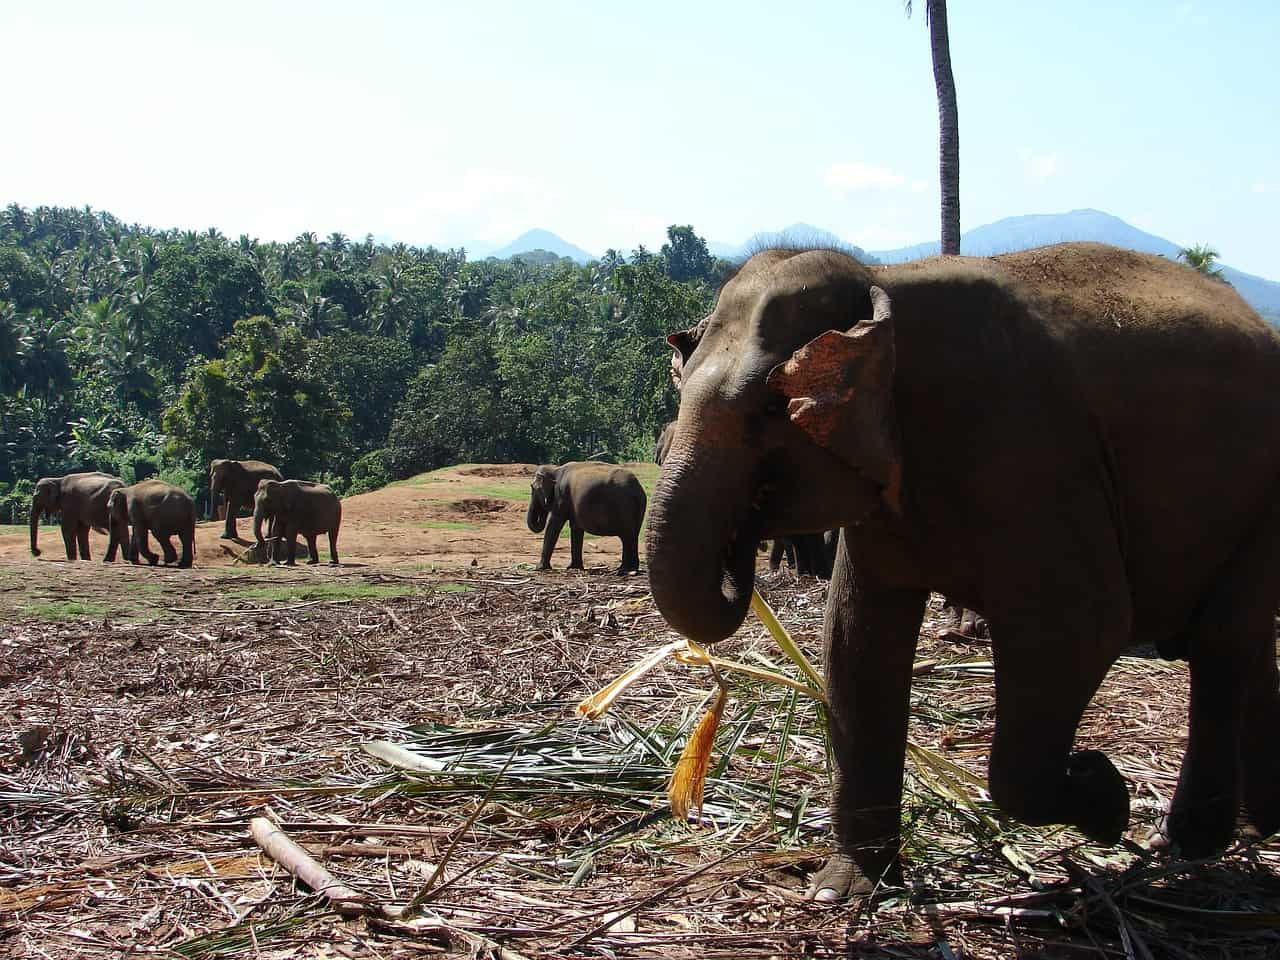 An der Stadt Khao Lak liegt der Nationalpark Khao Sok mit dem Elefenaten Camp